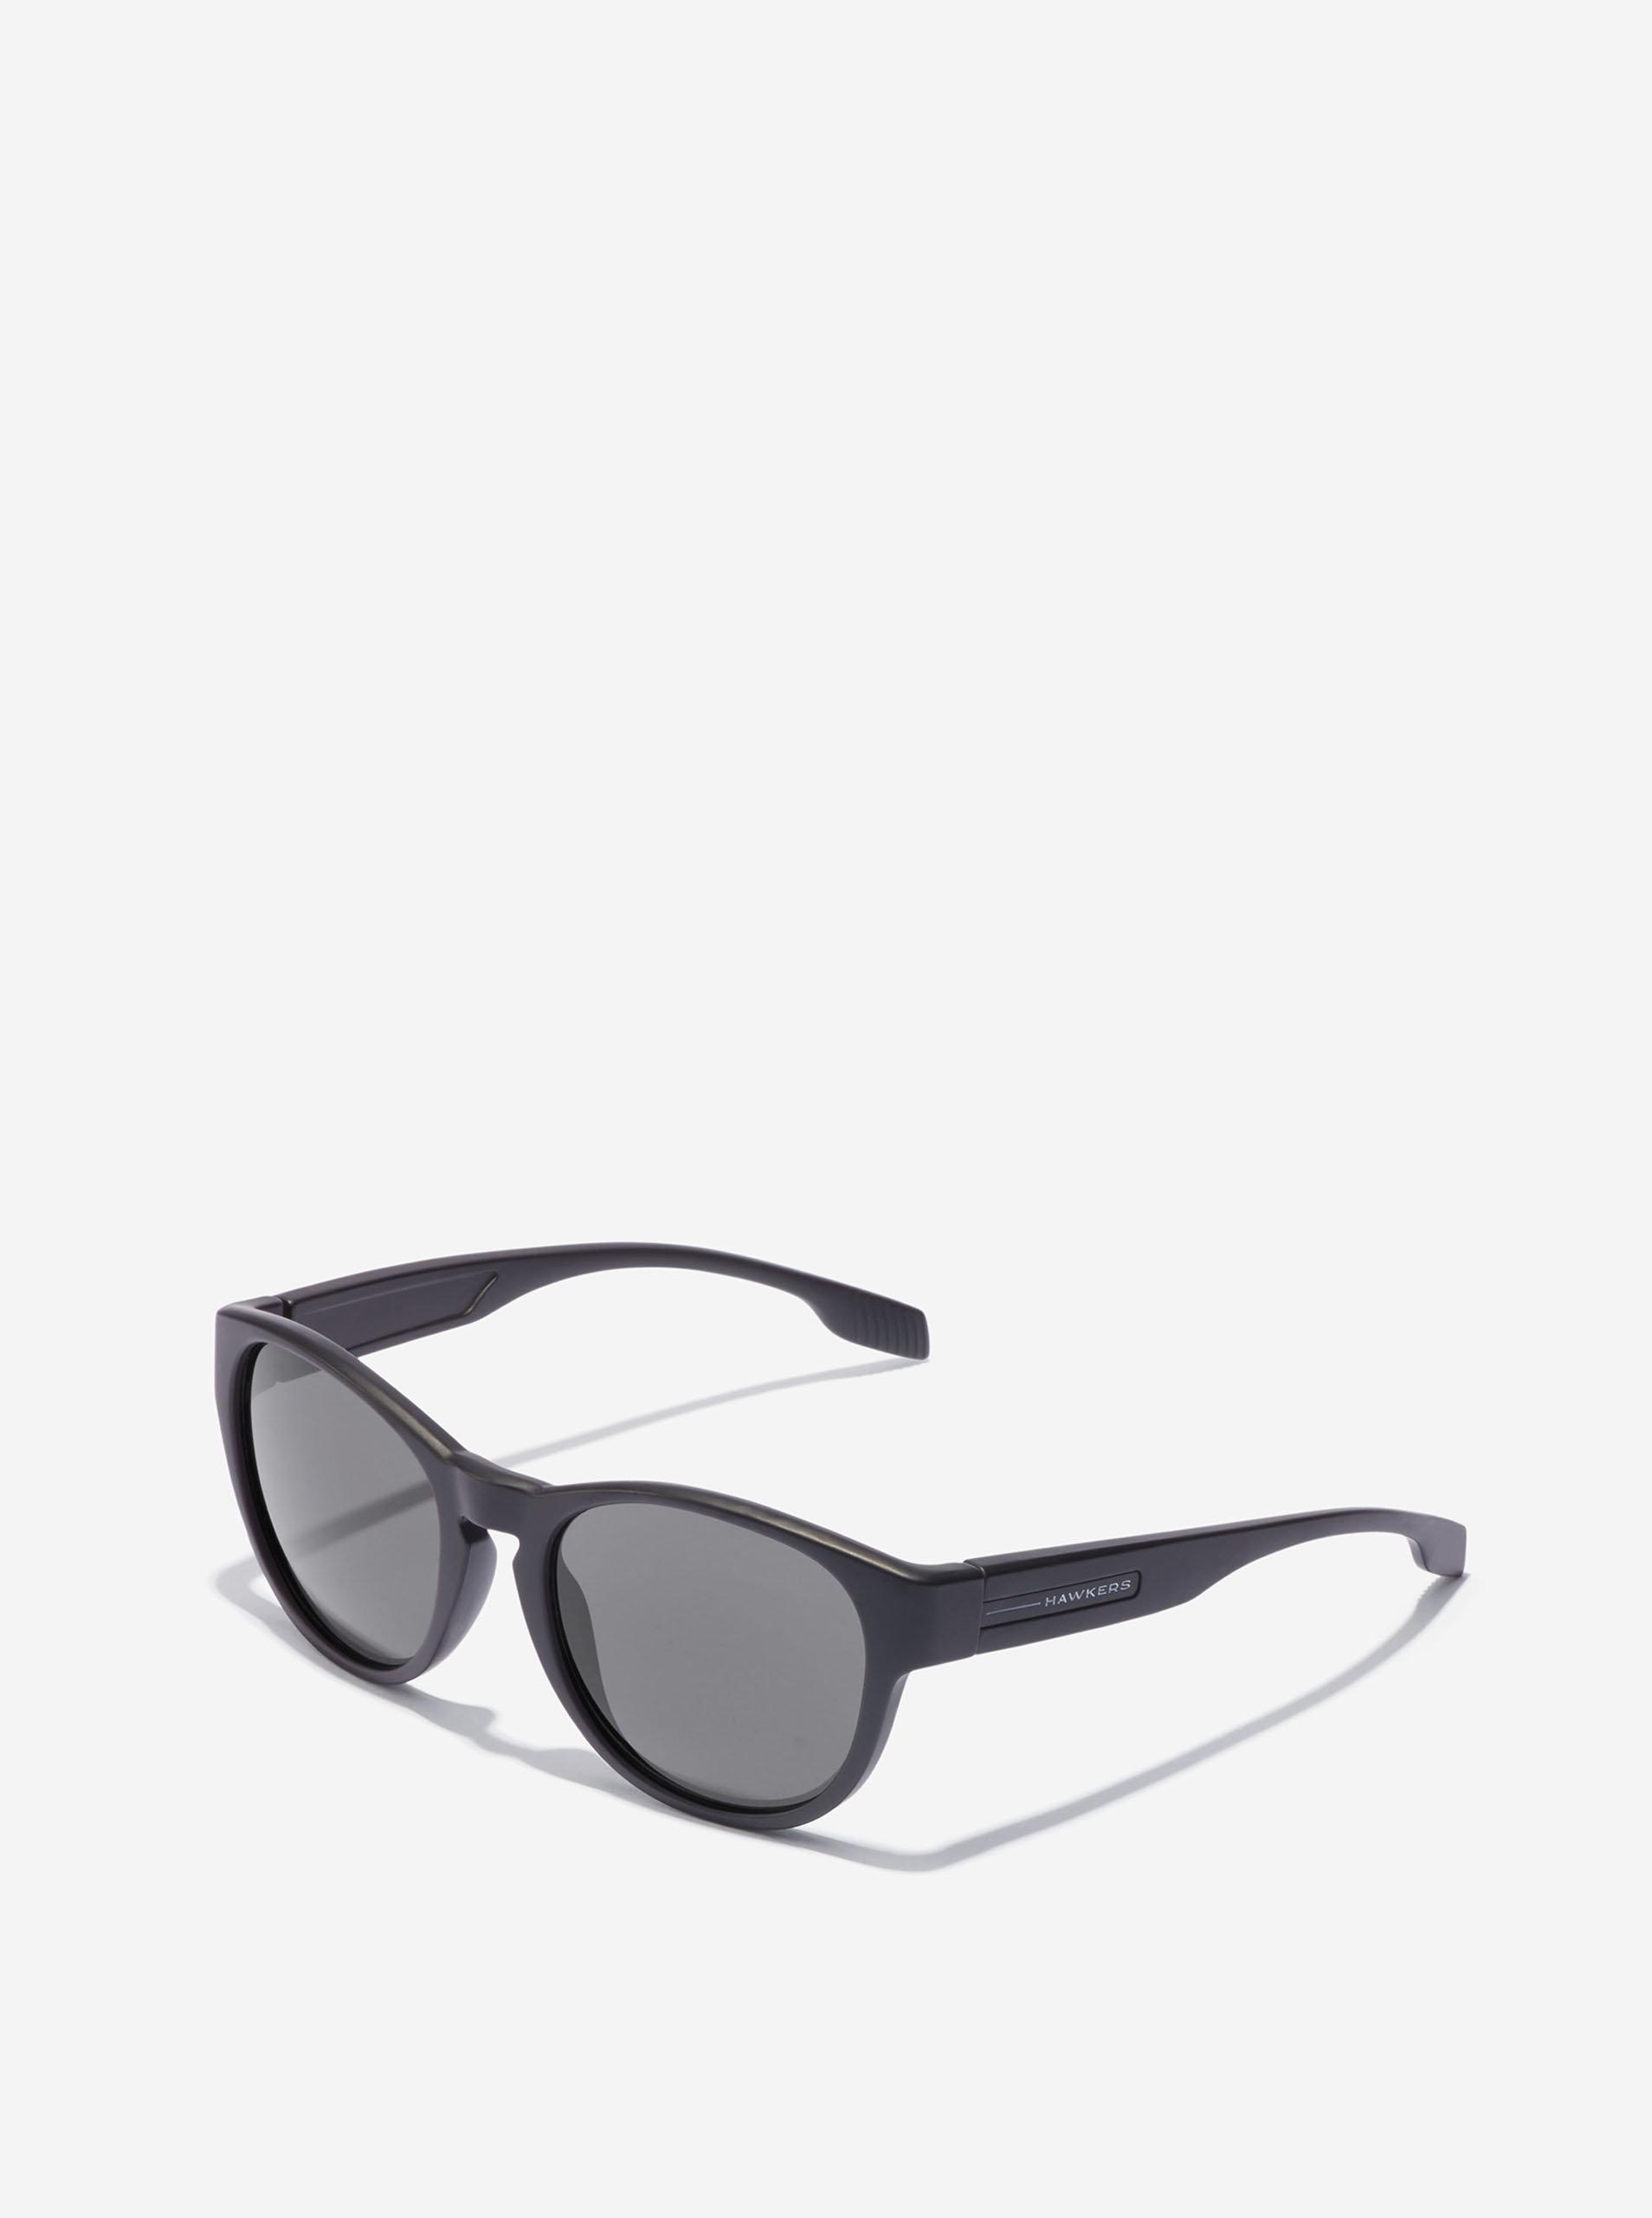 Černé sluneční brýle Hawkers Neive